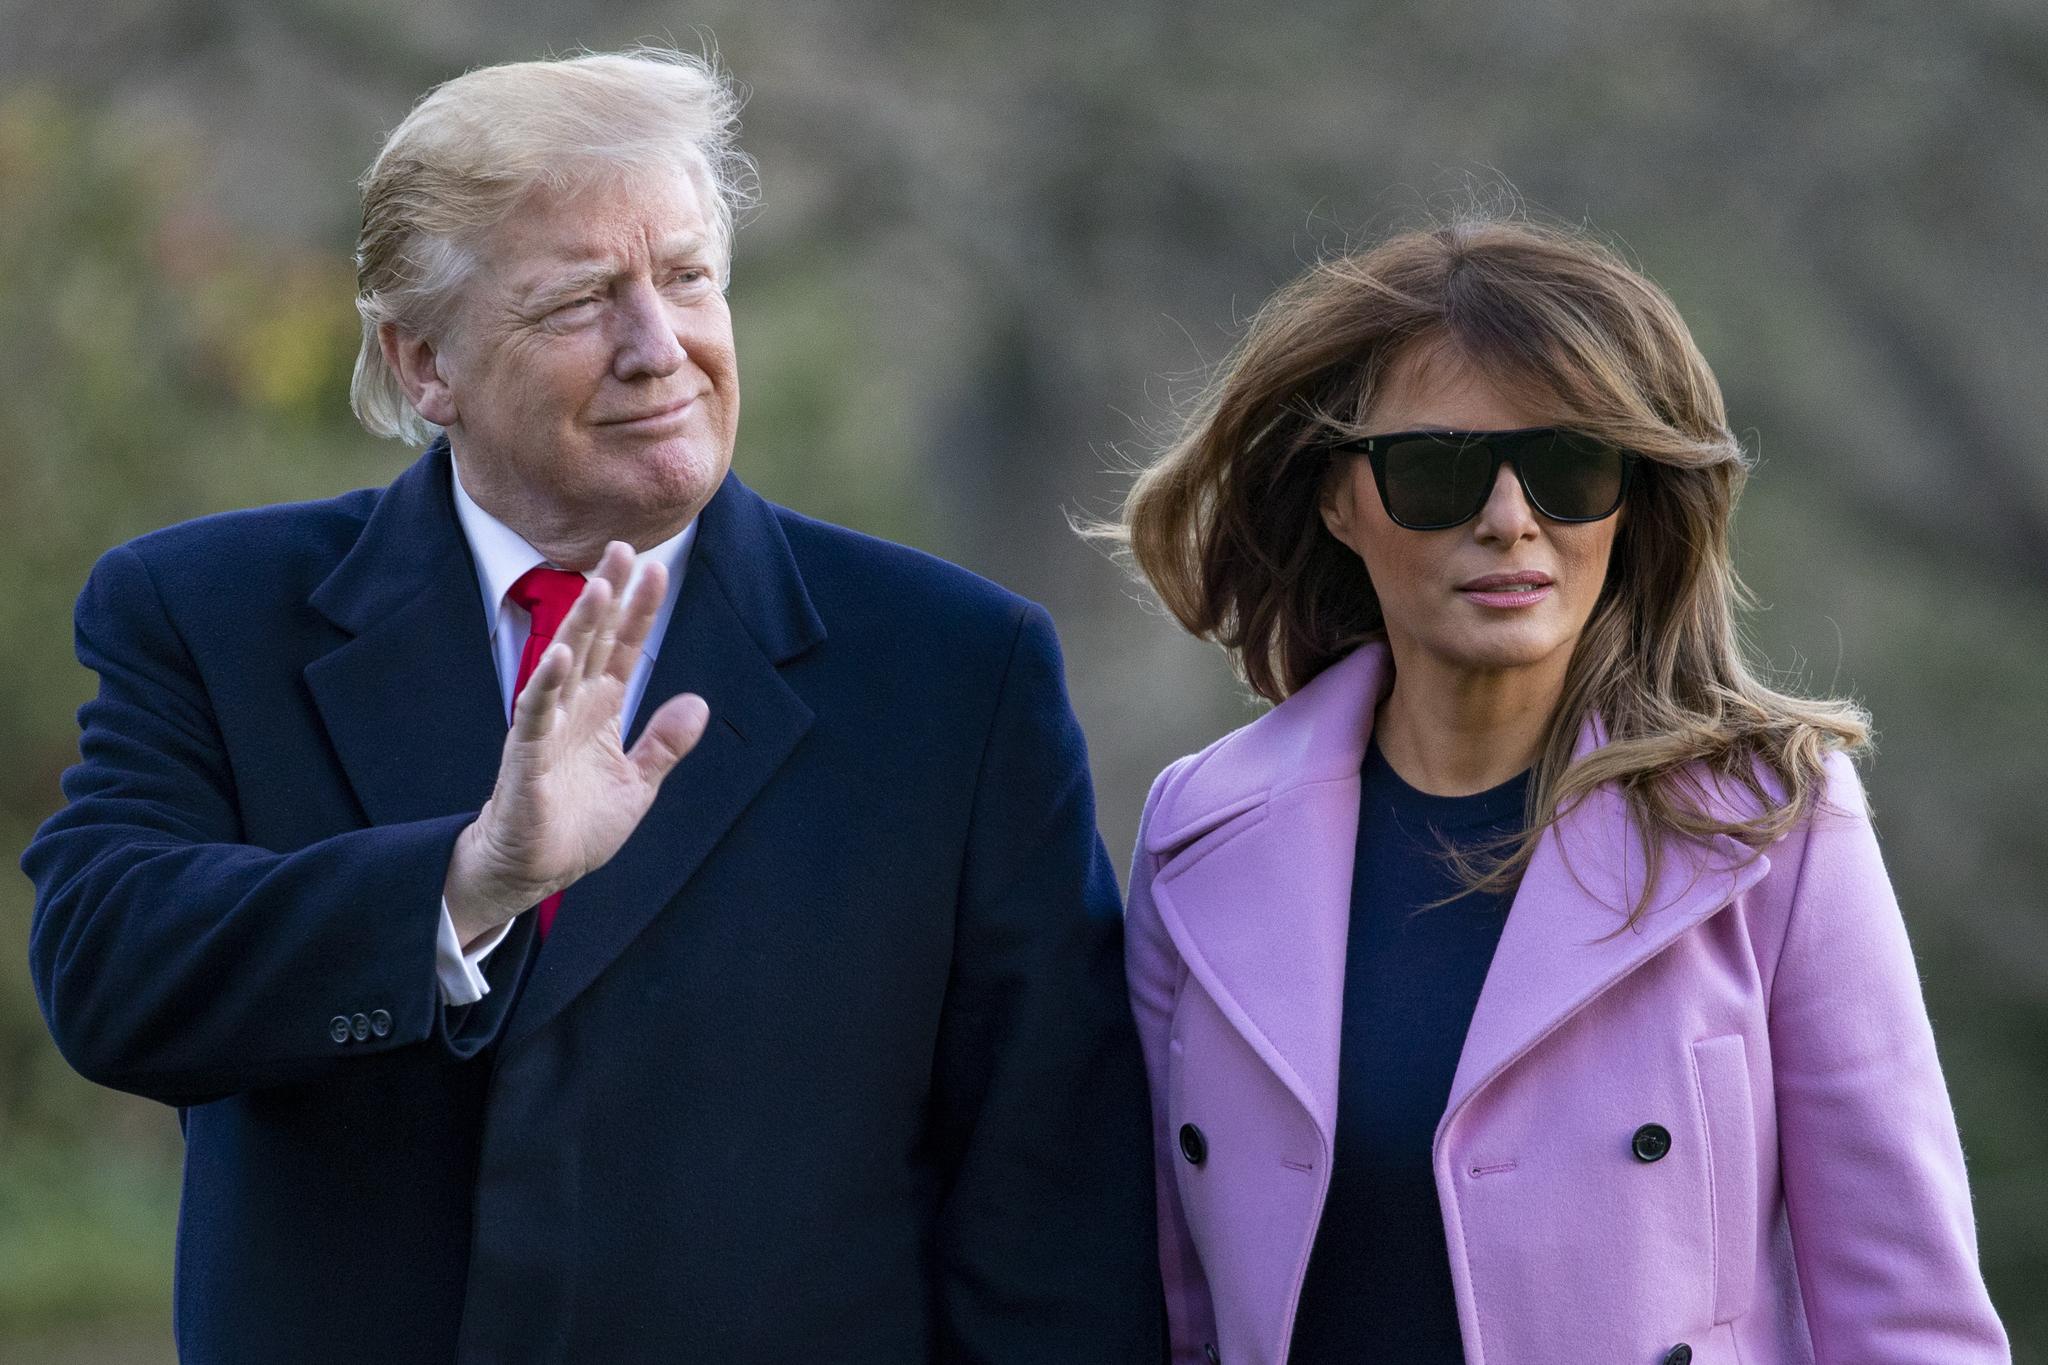 트럼프 미국 대통령과 멜라니아 여사가 31일 주말휴가를 마치고 백악관으로 복귀하고 있다. [EPA=연합뉴스]